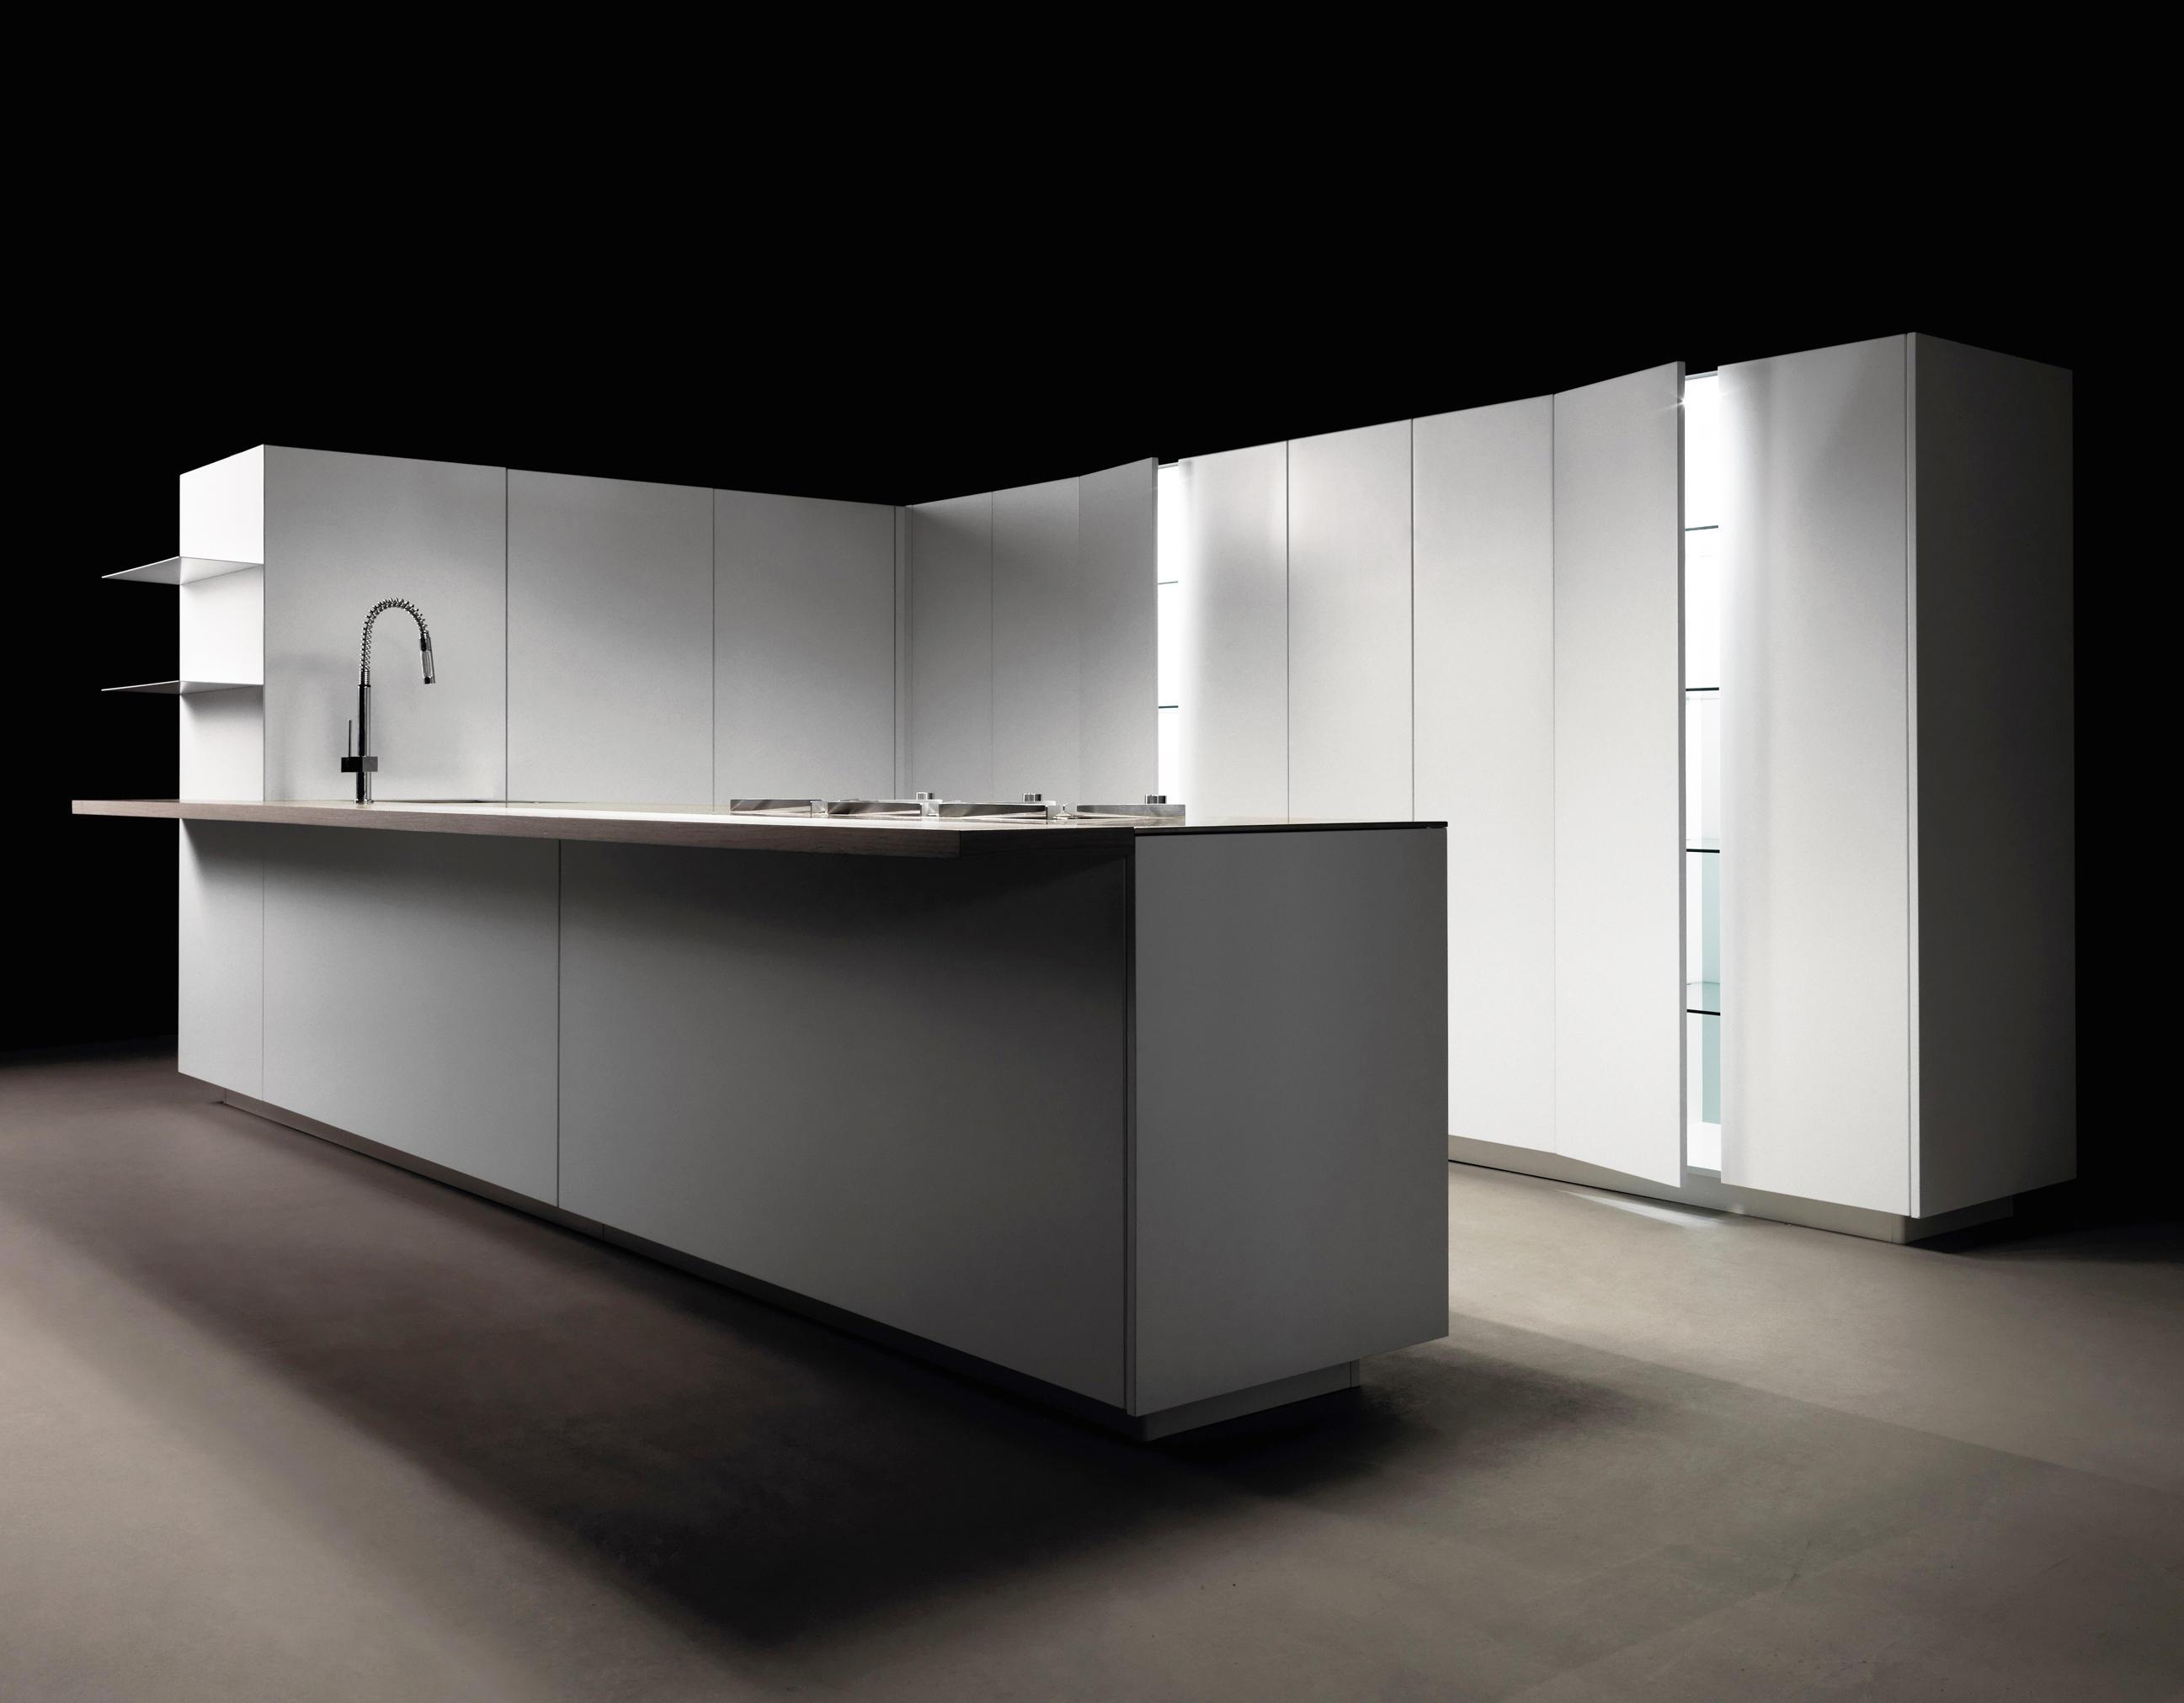 Mak2 cucine a parete di effeti industrie srl architonic - Cucine a parete ...